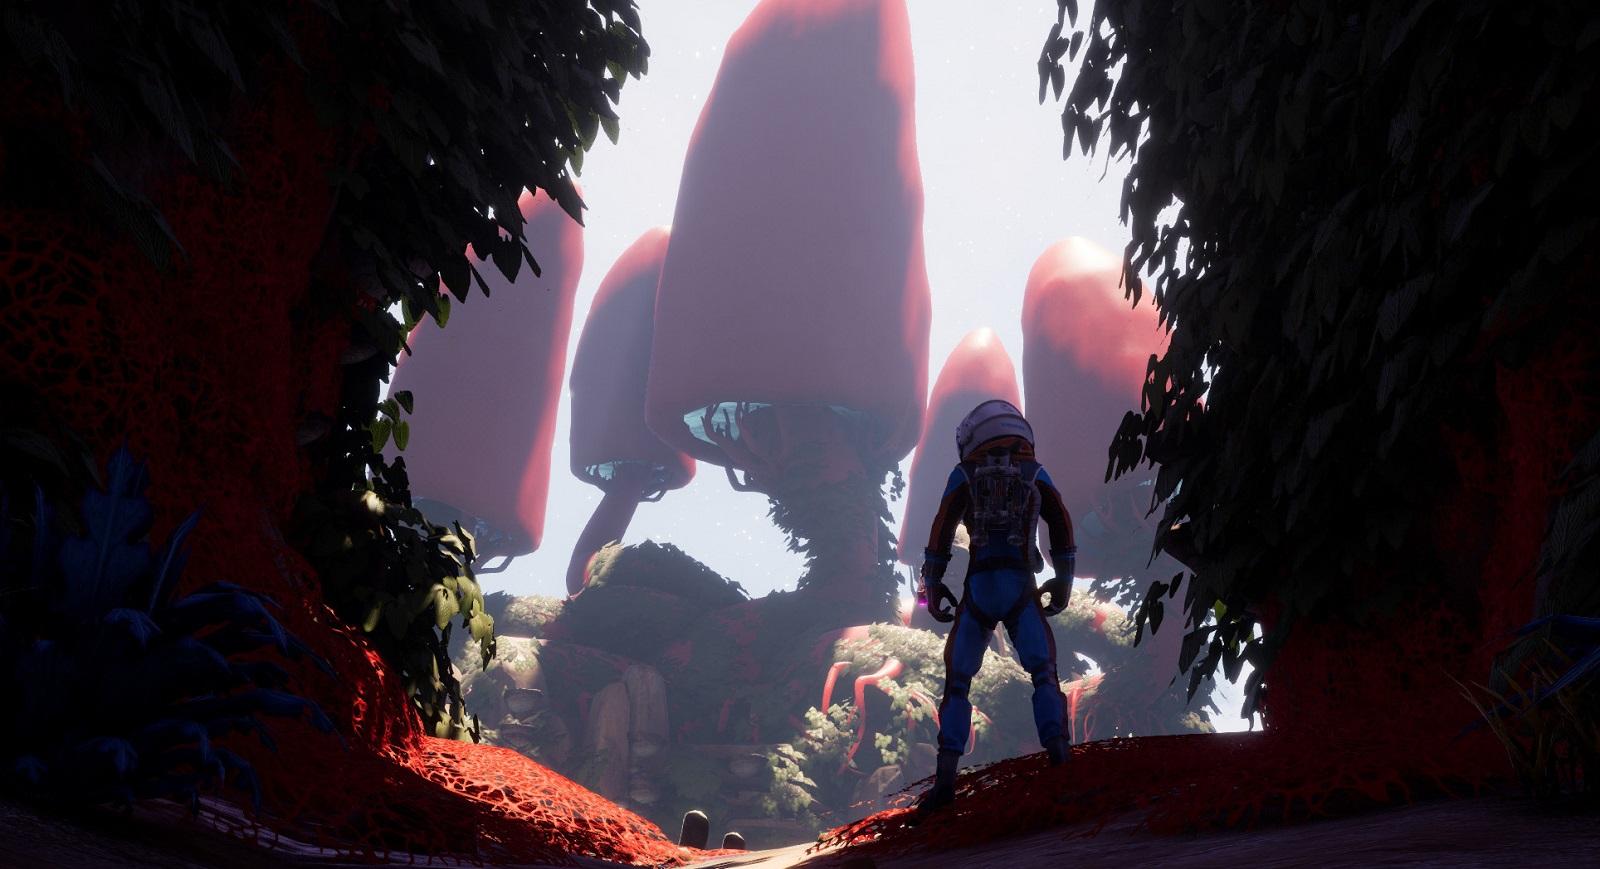 Продажи Journey to the Savage Planet превзошли ожидания издателя, а разработчики задумались над развитием вселенной игры